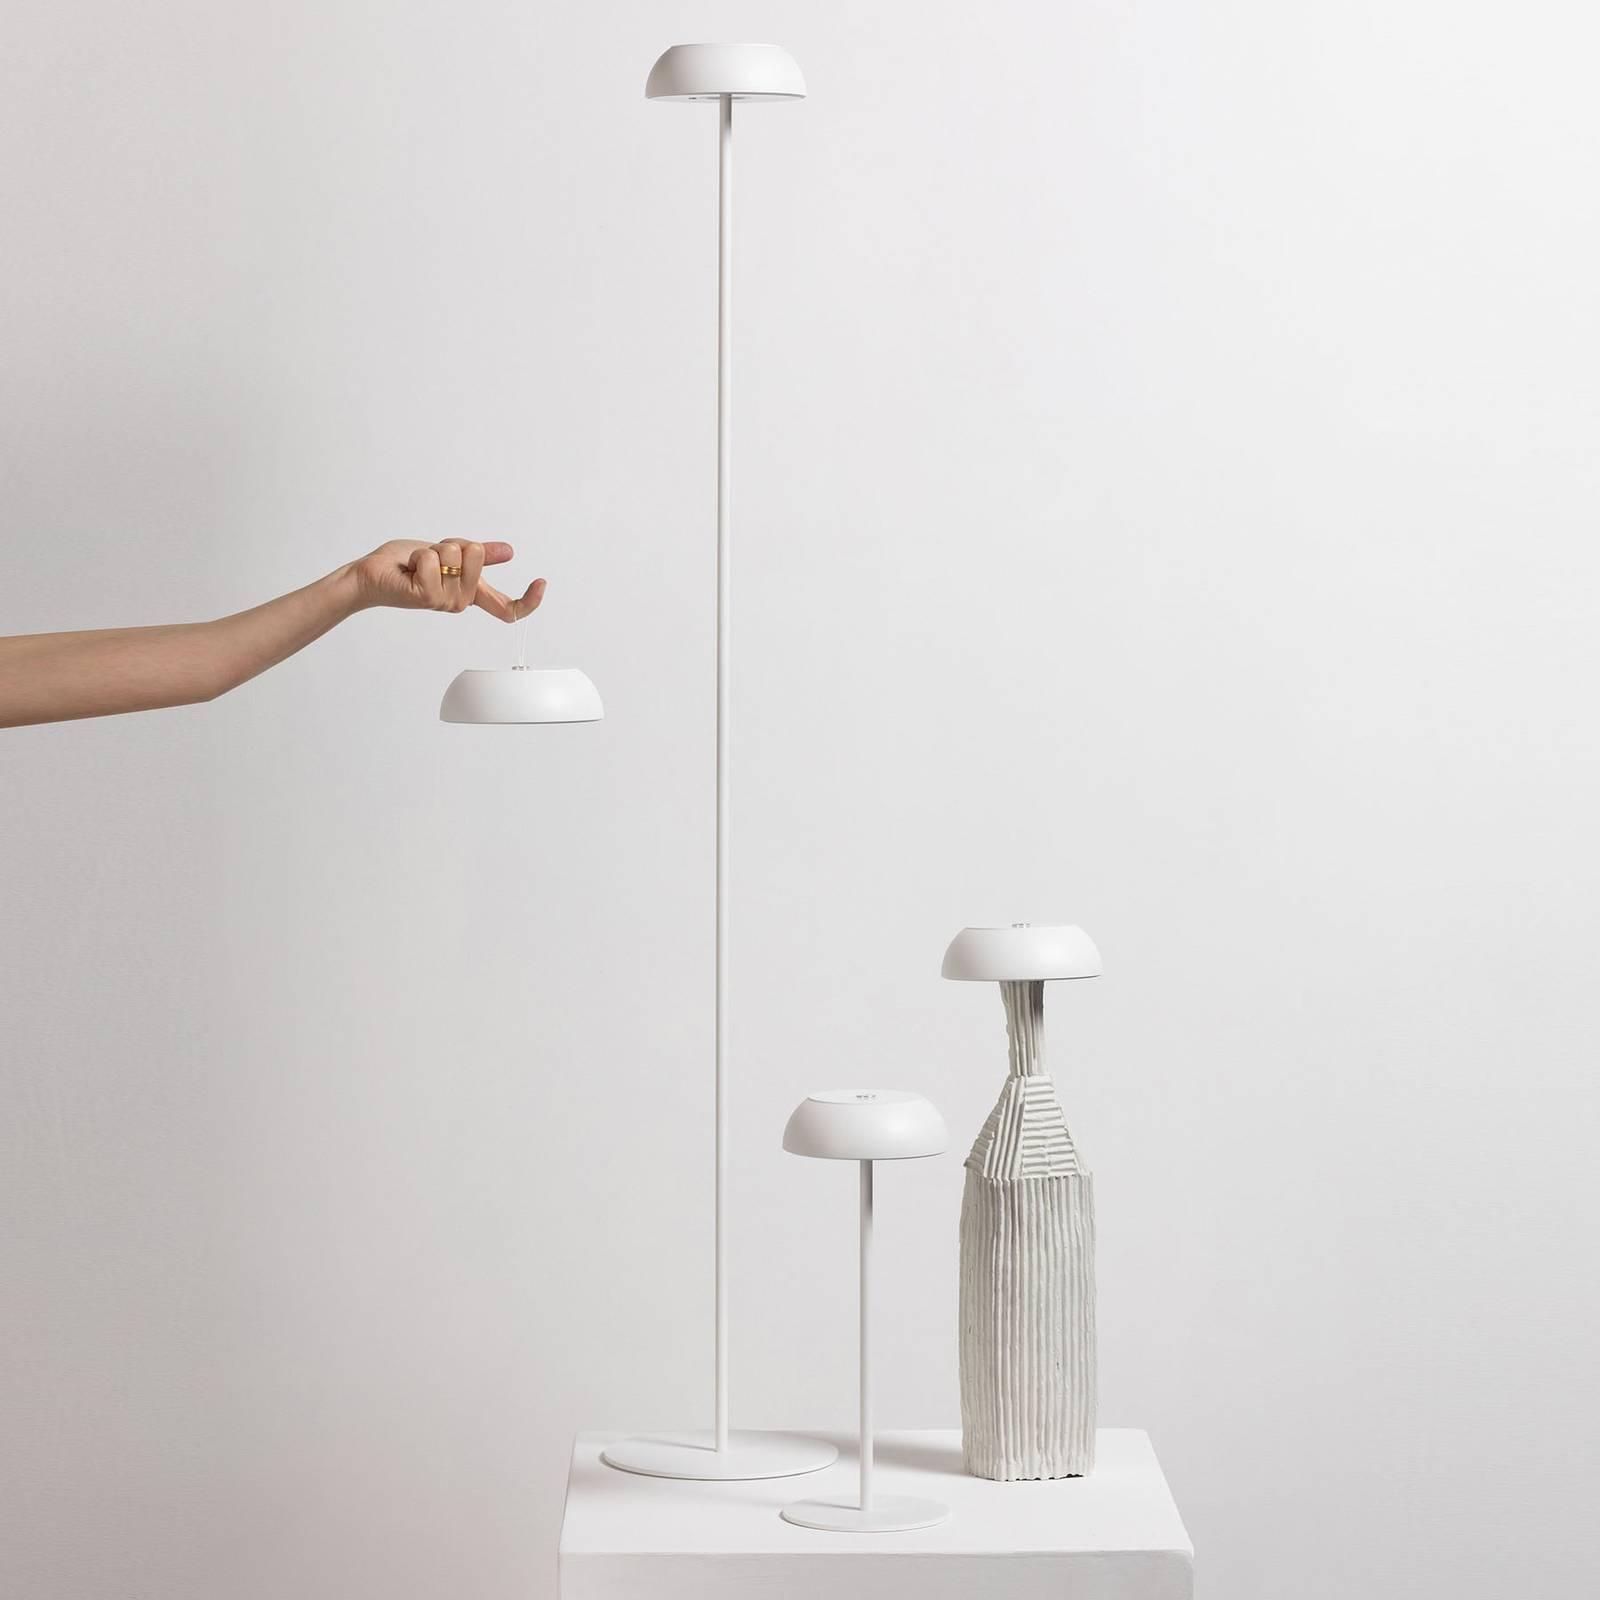 Axolight Float LED-designer-lattiavalo, valkoinen